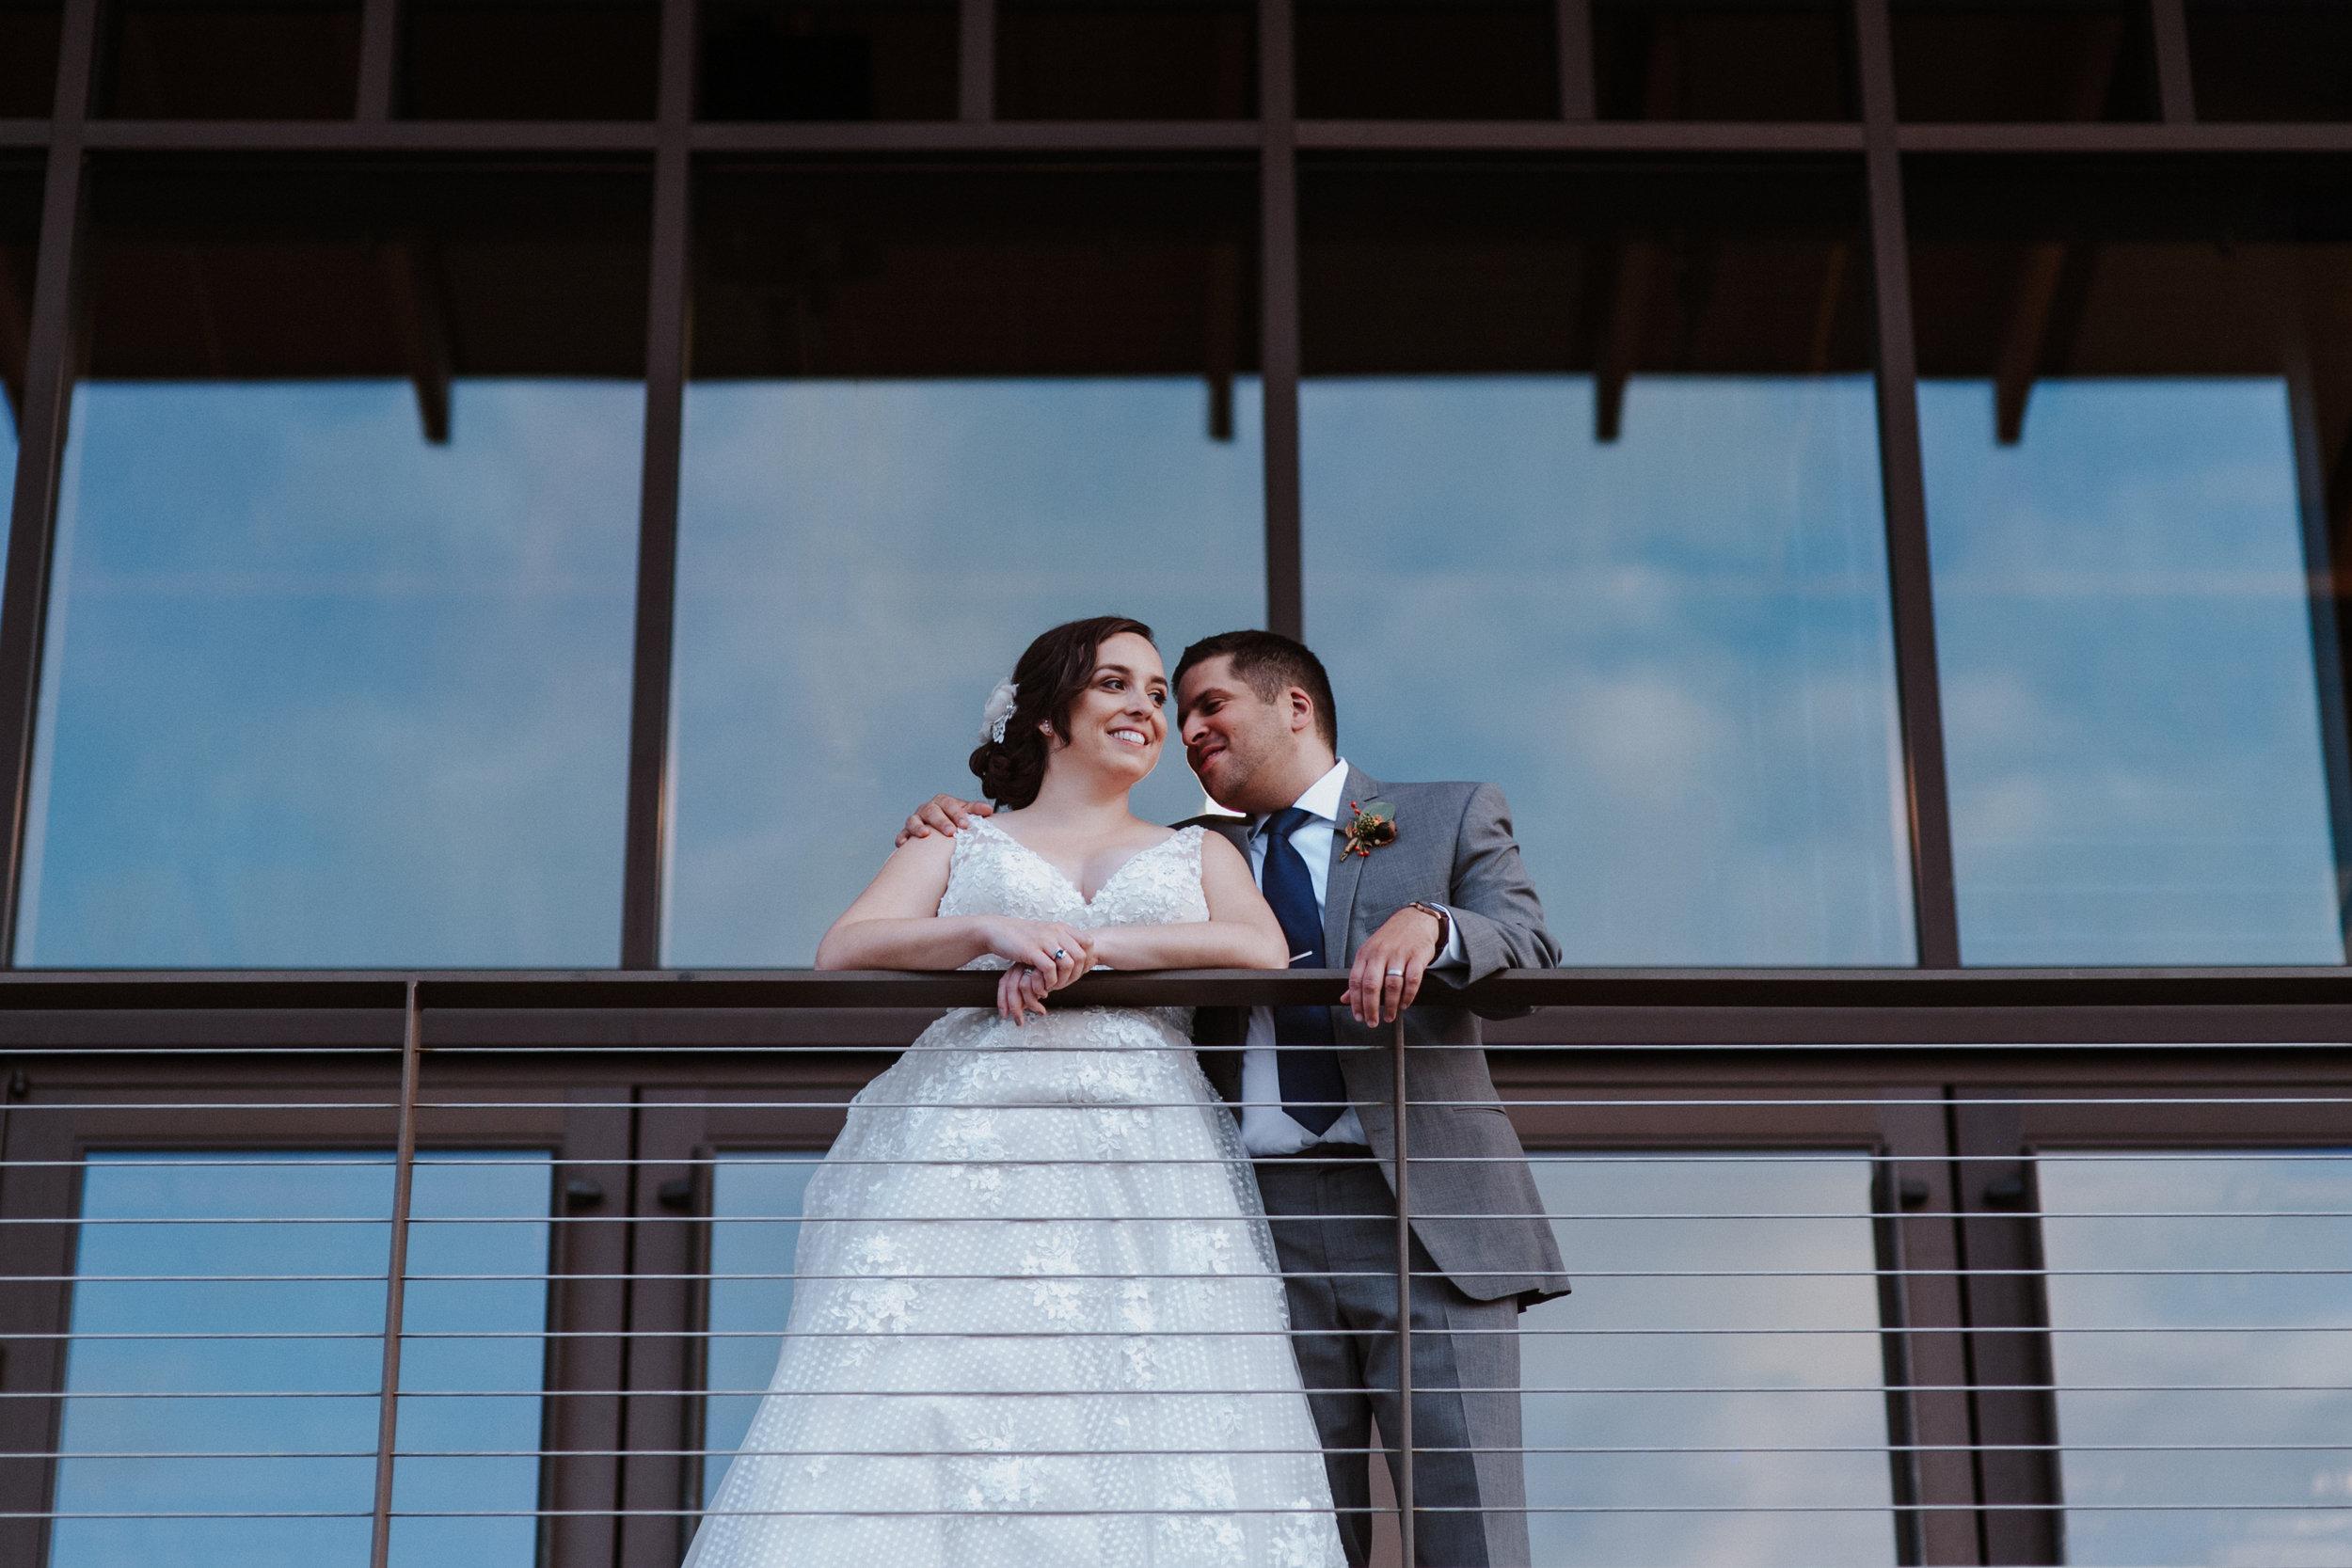 Bride & groom on balcony at Rosehill Community Center